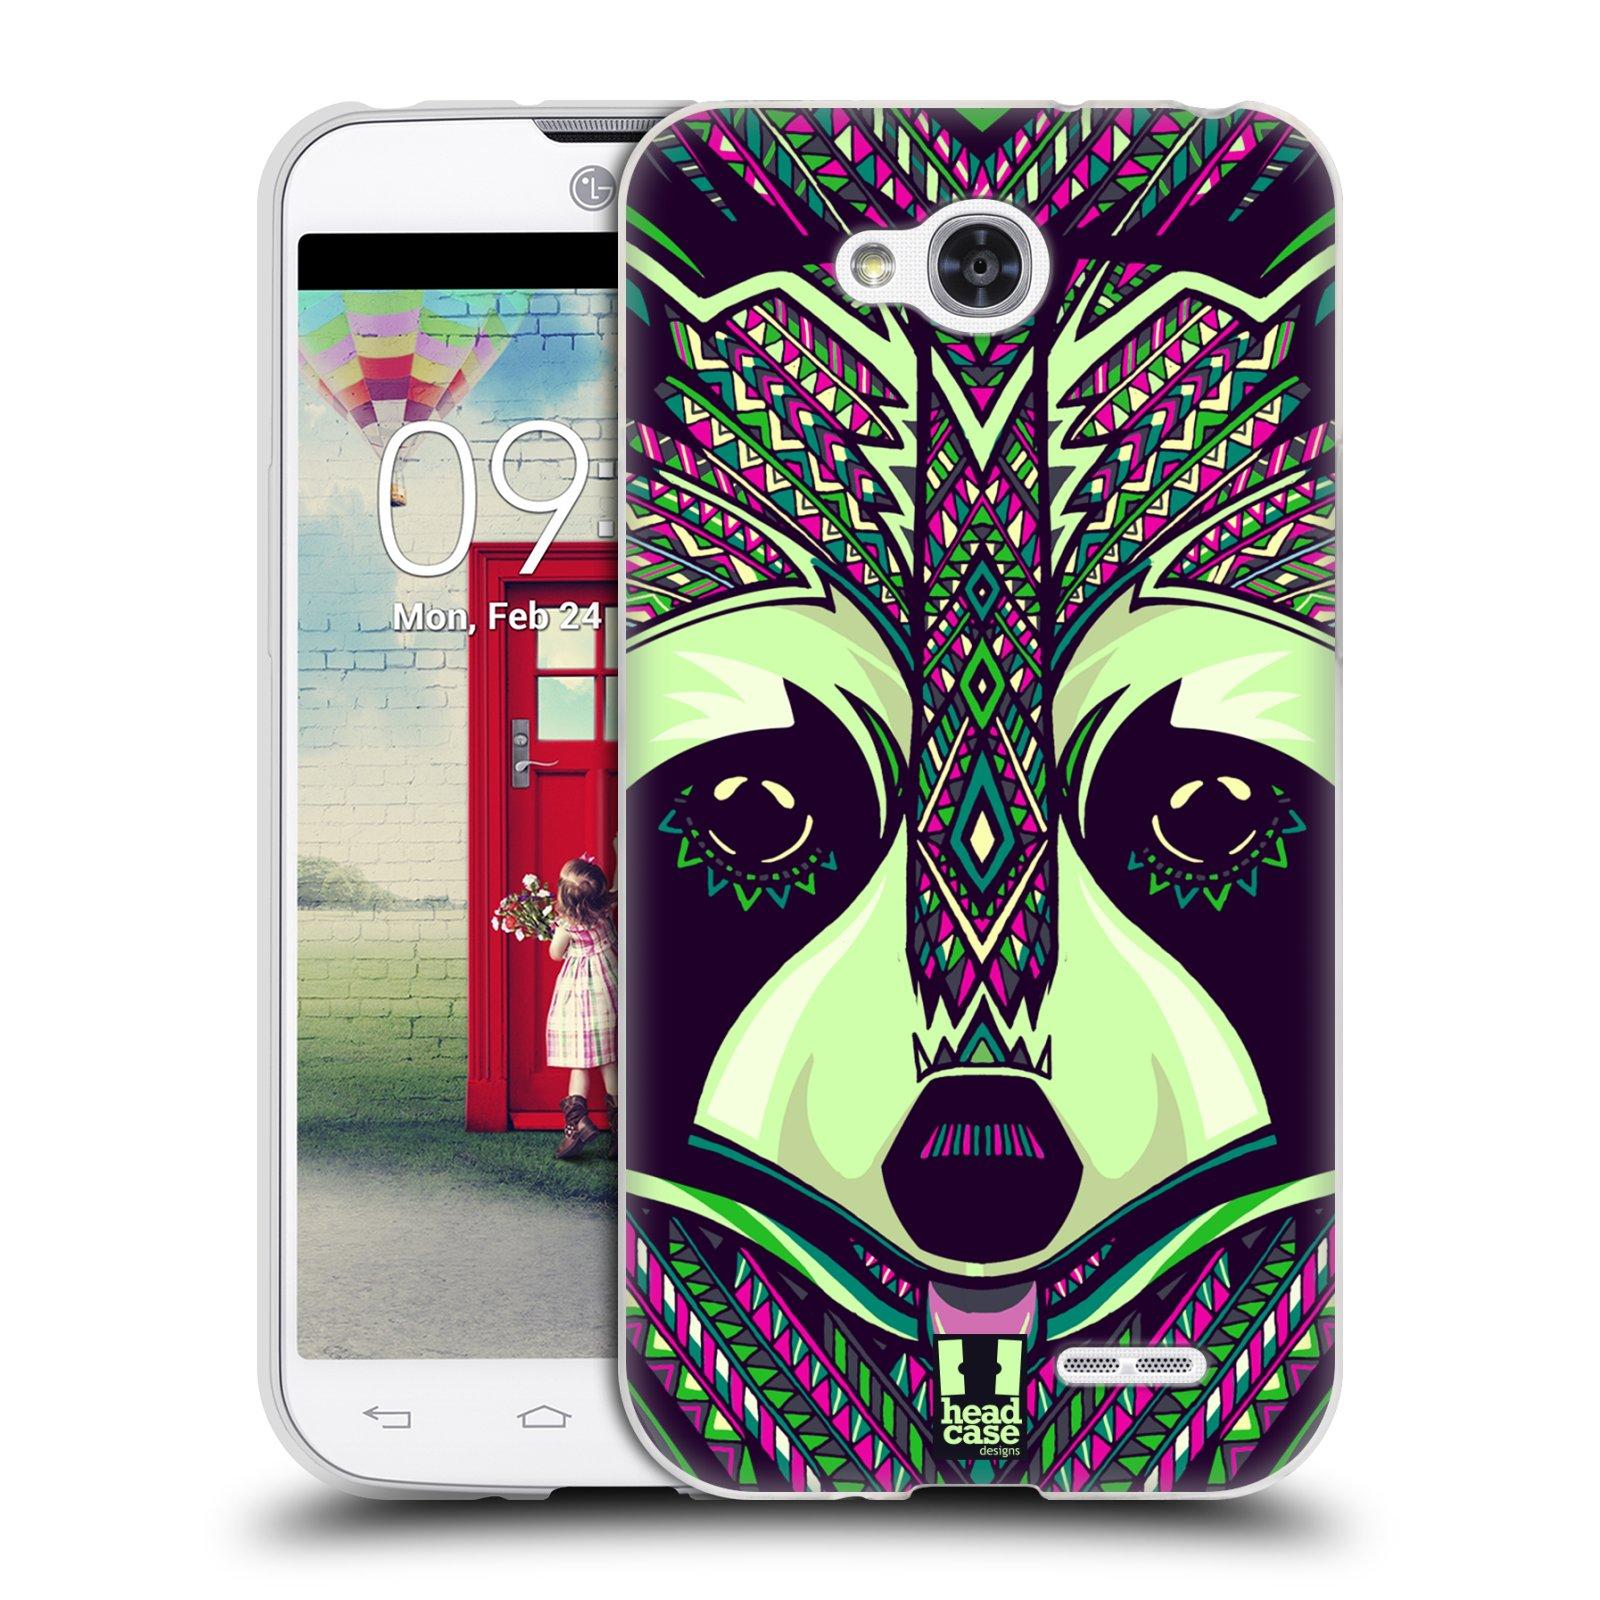 Silikonové pouzdro na mobil LG L90 HEAD CASE AZTEC MÝVAL (Silikonový kryt či obal na mobilní telefon LG L90 D405n)